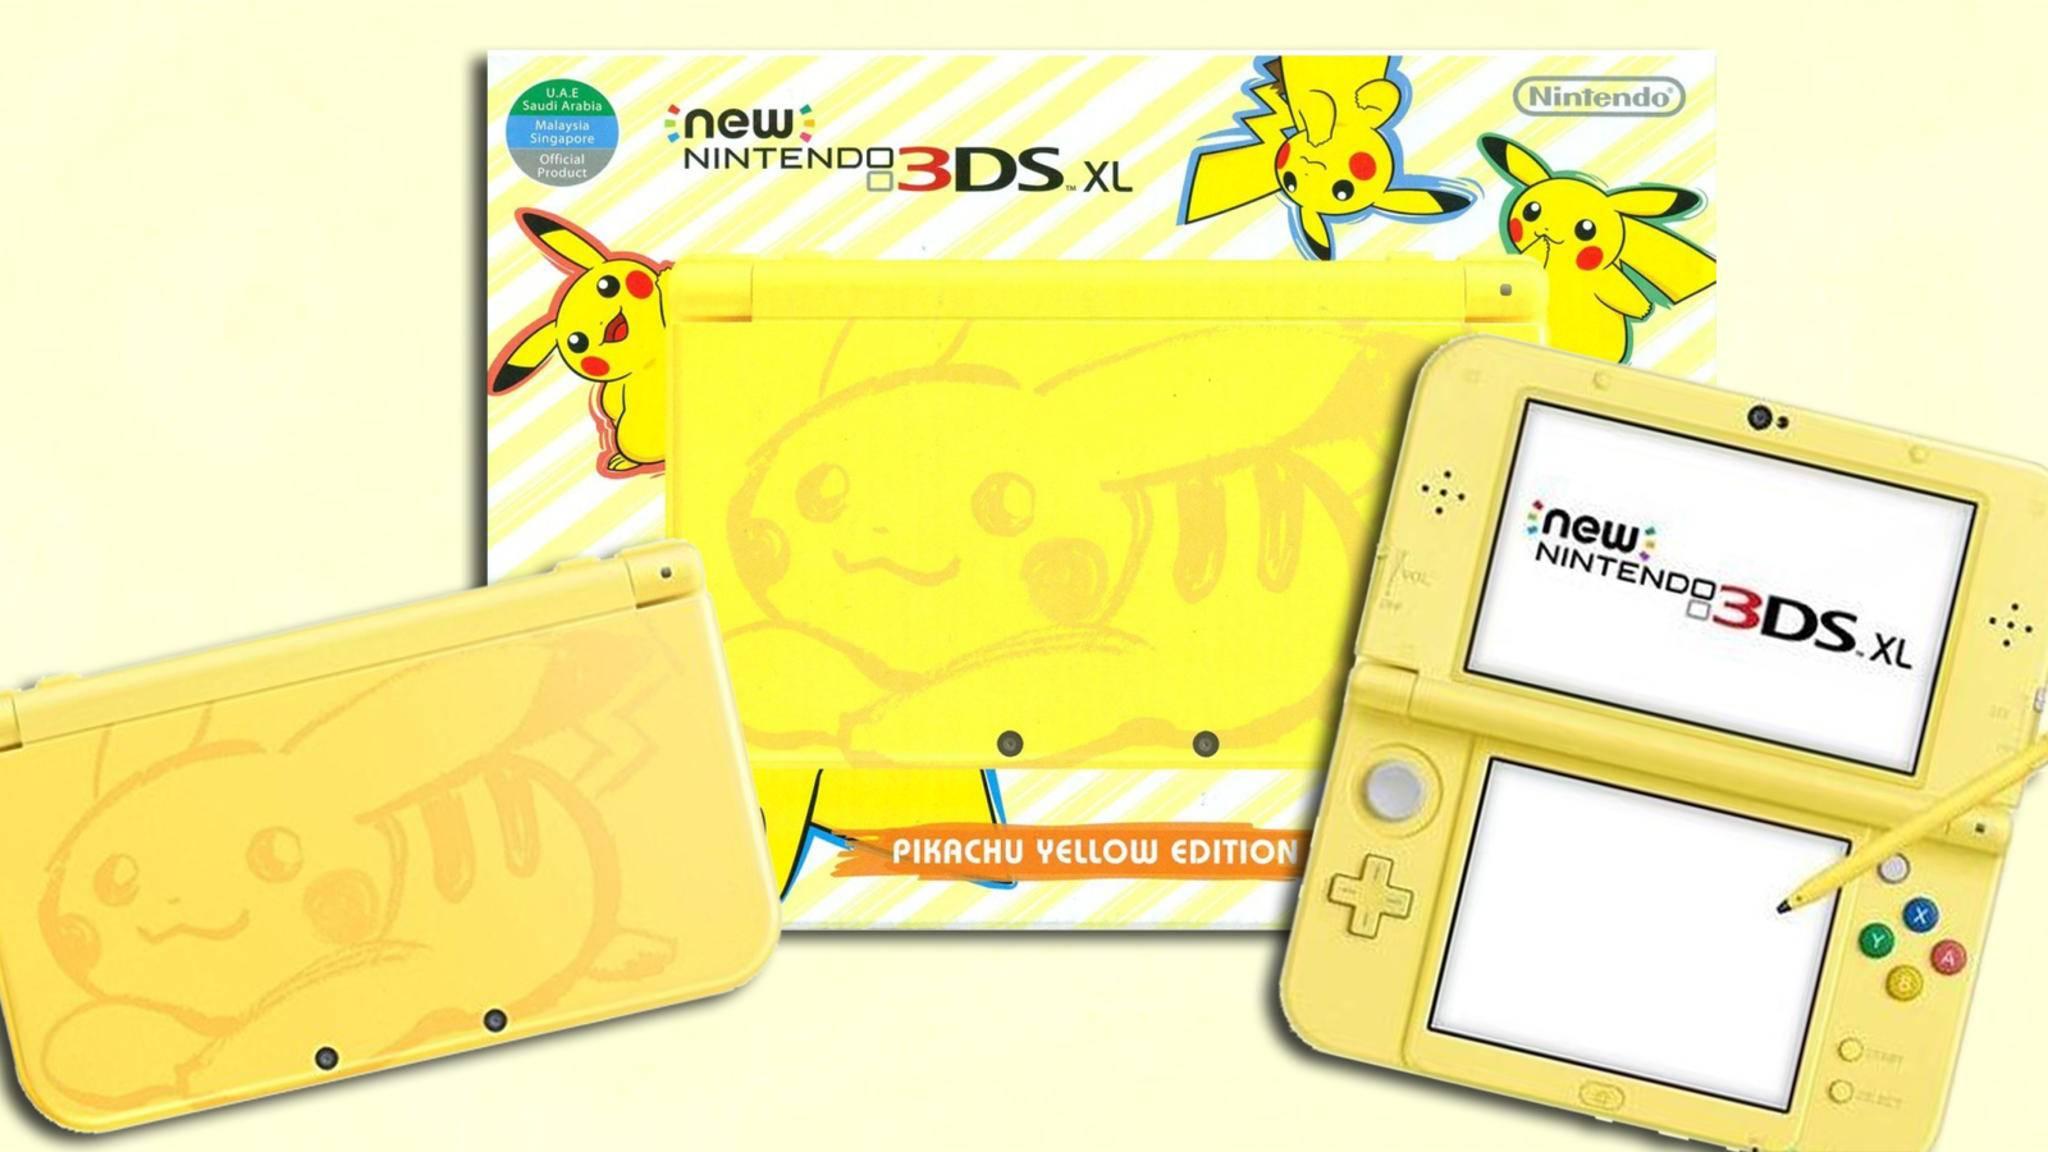 Die neue Pikachu-Version des New 3DS XL kommt Ende Februar.